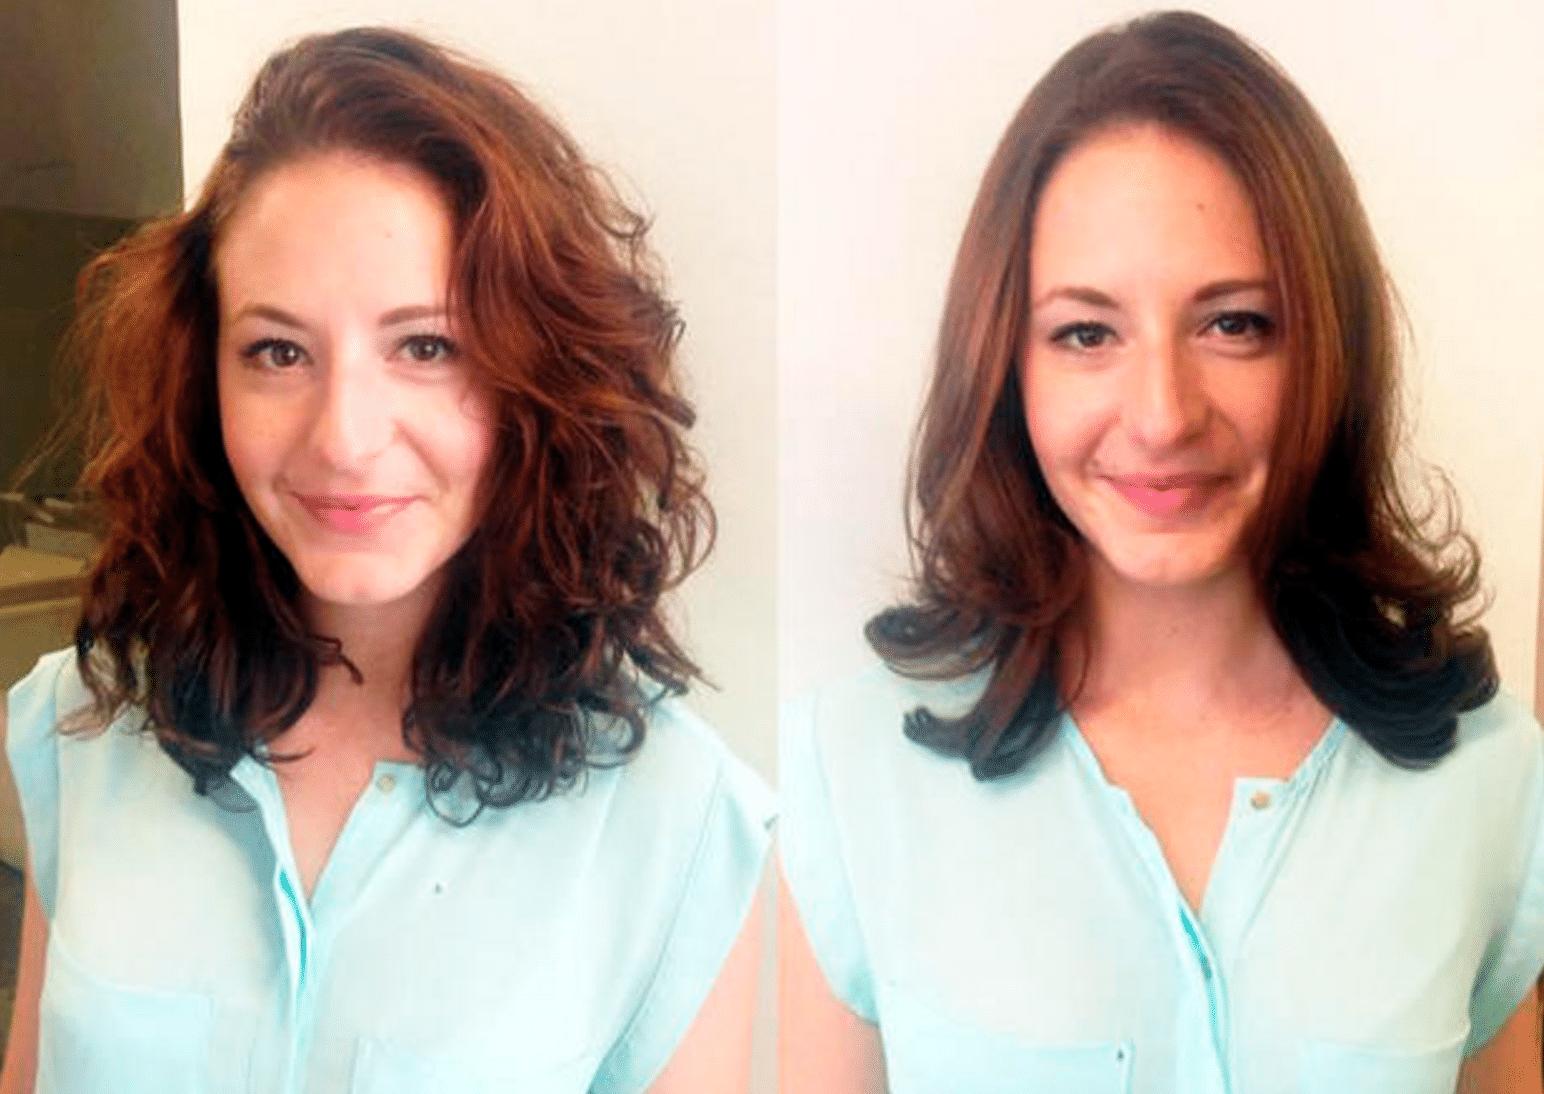 Carola Claudia Staudinger Hair Salon & Spa WOMAN-Redakteurin Nadja hat natürliche Lockenund ärgert sich seit Jahren darüber, dass ihre Haare häufig wie ein wilder Afro aussehen. Sie hat die Keratin-Behandlung bei Haarstylistin Carola Claudia Staudinger in Wiengetestet.